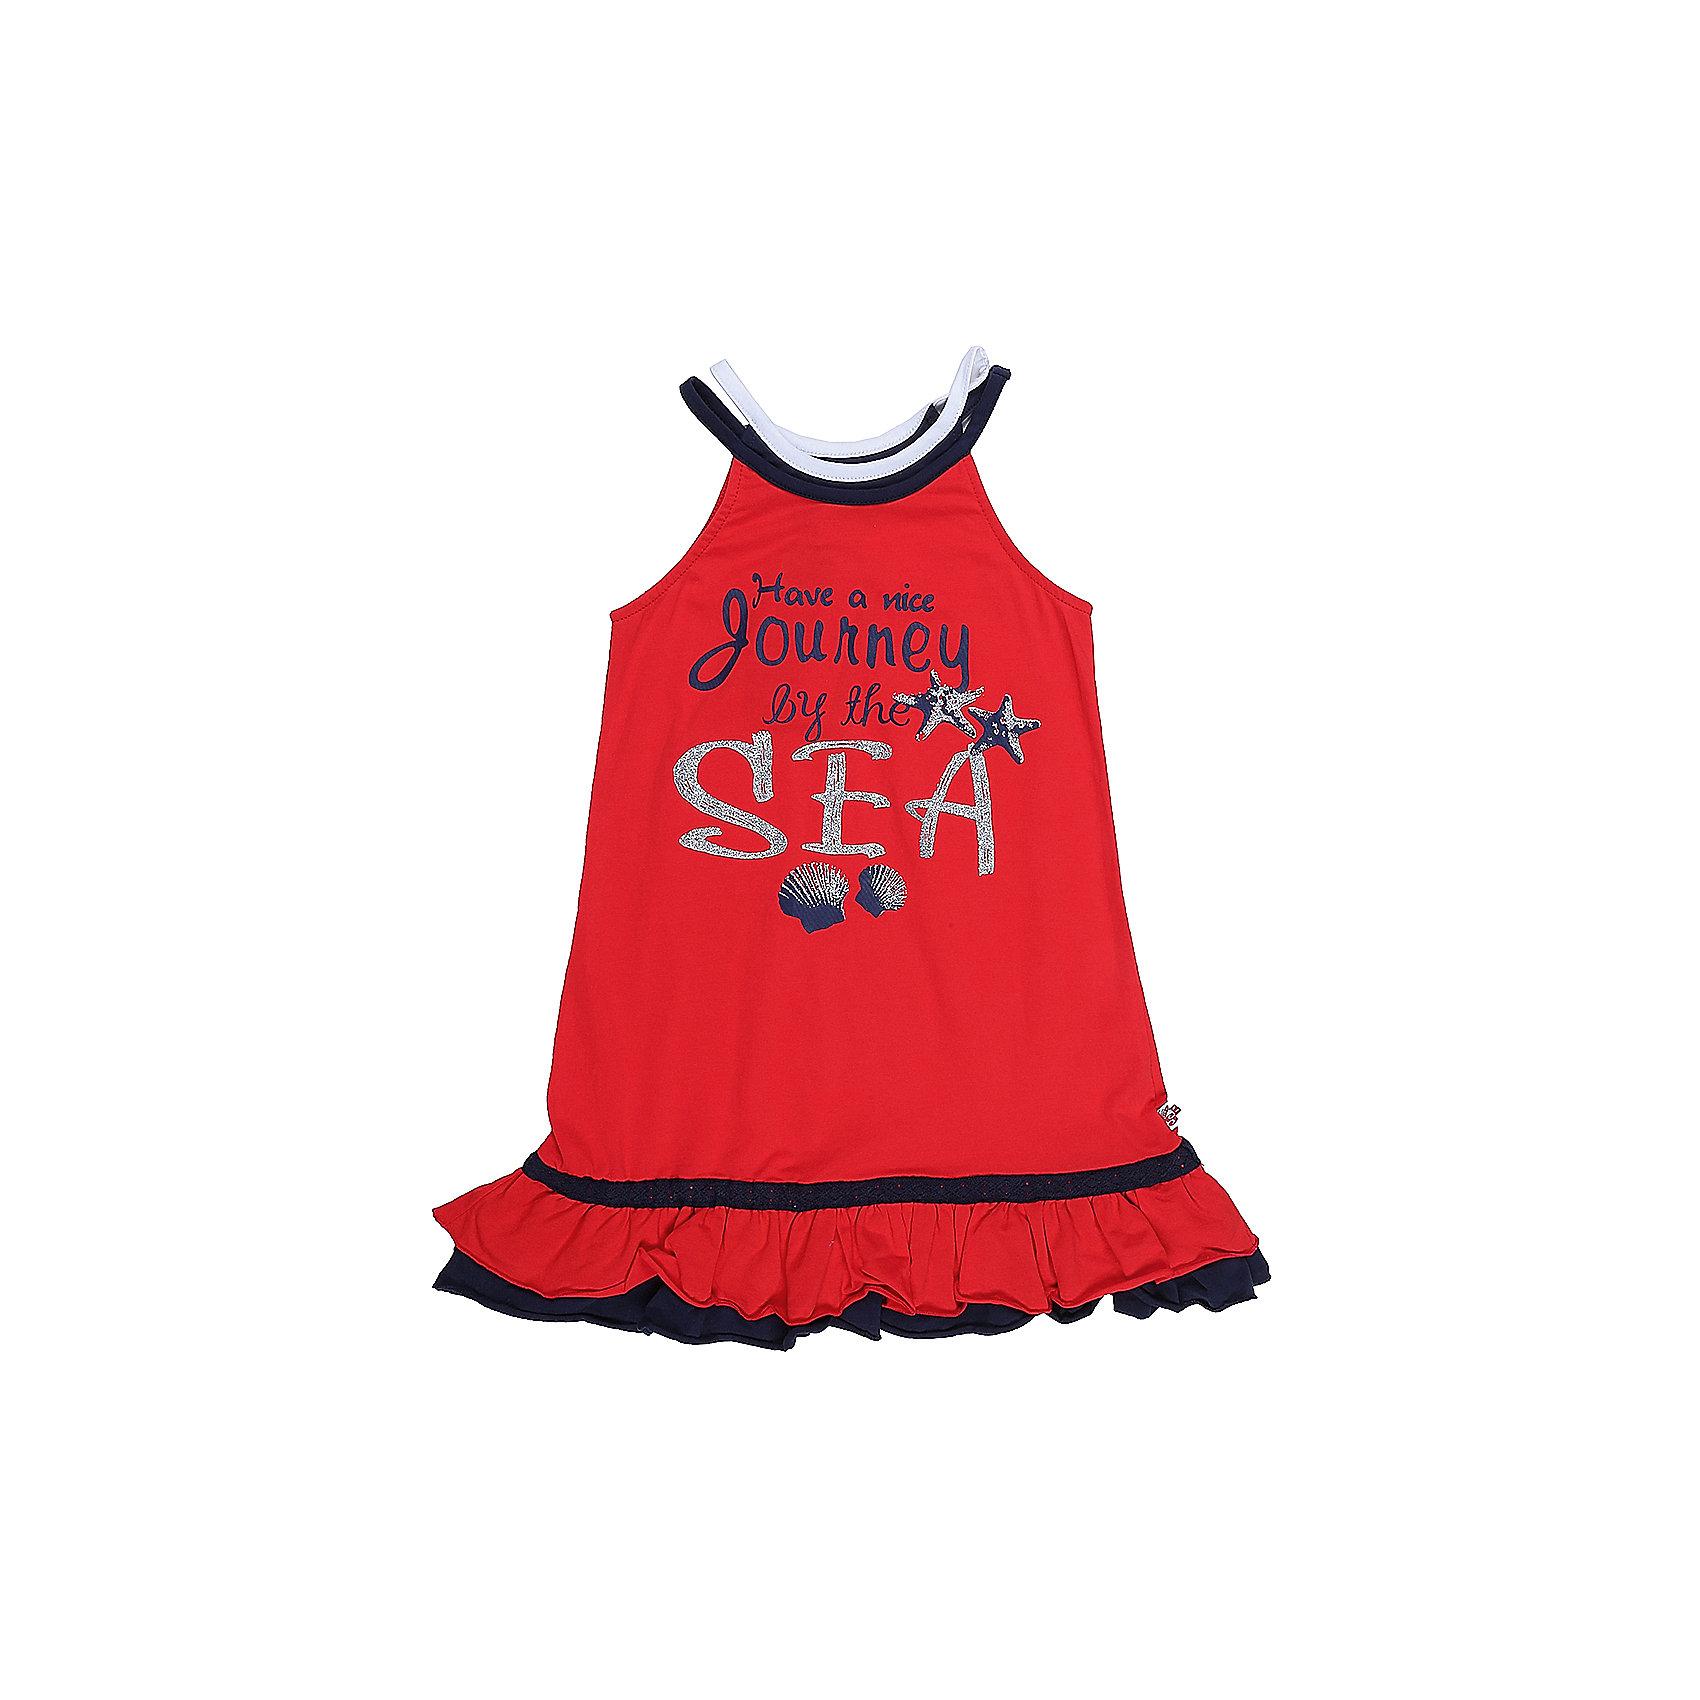 Платье для девочки Sweet BerryЯркое трикотажное платье на лямках для девочки декорированное оригинальным принтом.  Низ изделия выделен двухслойным воланом и контрастной отстрочкой.<br>Состав:<br>95%хлопок 5%эластан<br><br>Ширина мм: 236<br>Глубина мм: 16<br>Высота мм: 184<br>Вес г: 177<br>Цвет: красный<br>Возраст от месяцев: 36<br>Возраст до месяцев: 48<br>Пол: Женский<br>Возраст: Детский<br>Размер: 110,116,122,128,104,98<br>SKU: 5411845